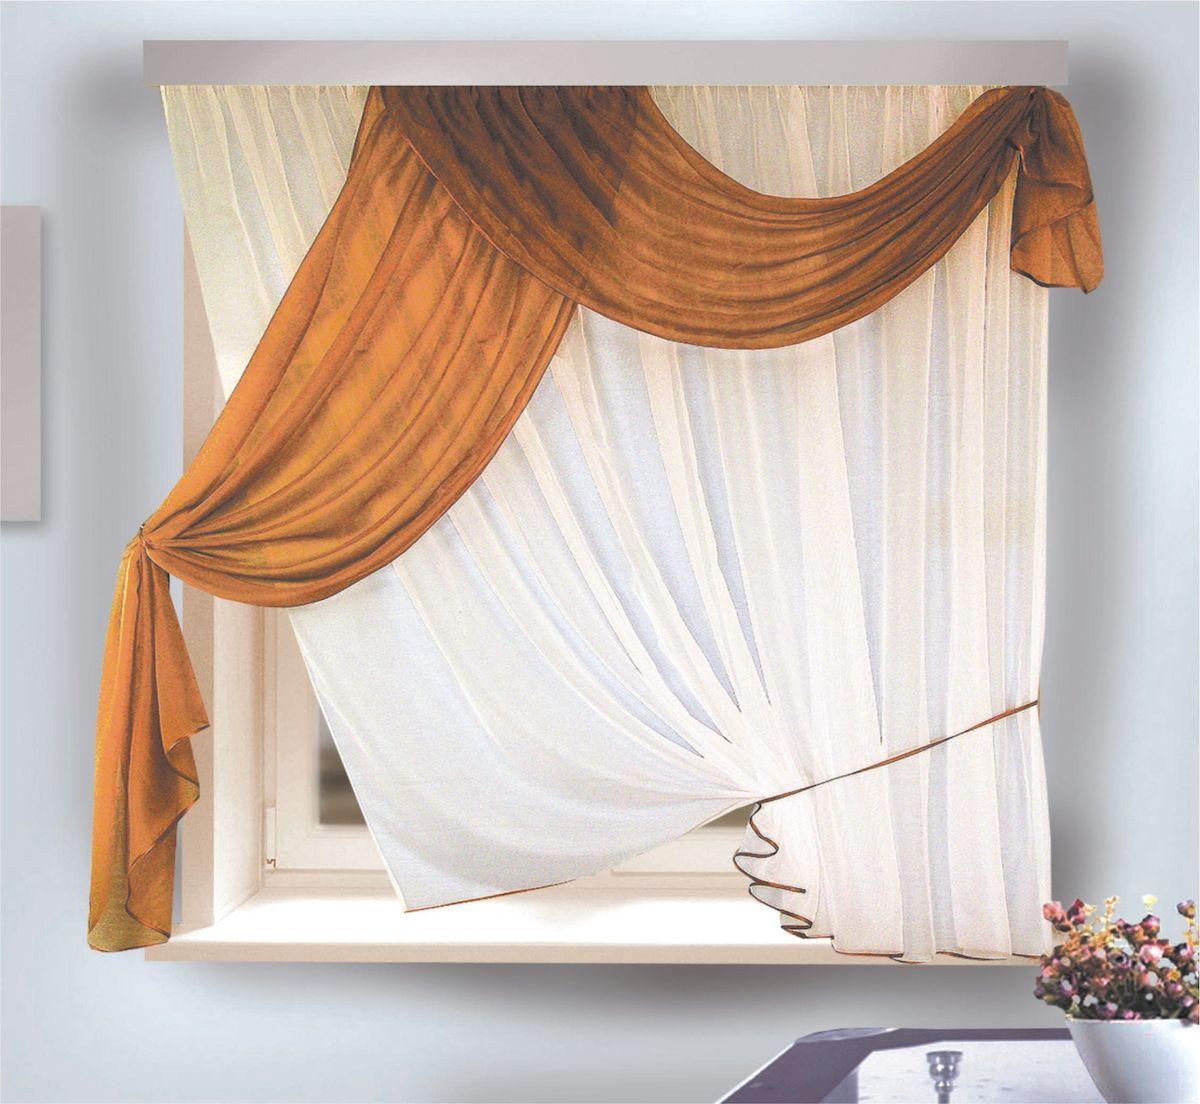 Комплект штор для кухни Zlata Korunka, на ленте, цвет: белый, коричневый, высота 170 см. 333311333311Комплект штор для кухни Zlata Korunka, выполненный из полиэстера, великолепно украсит любое окно. Комплект состоит из тюля, ламбрекена и трех подхватов (2 из них пришиты к тюлю). Оригинальный дизайн и приятная цветовая гамма привлекут к себе внимание и органично впишутся в интерьер помещения. Этот комплект будет долгое время радовать вас и вашу семью!Комплект крепится на карниз при помощи ленты, которая поможет красиво и равномерно задрапировать верх.В комплект входит: Ламбрекен: 1 шт. Размер (Ш х В): 90 х 170 см. Тюль: 1 шт. Размер (Ш х В): 280 х 170 см.Подхват: 3 шт.